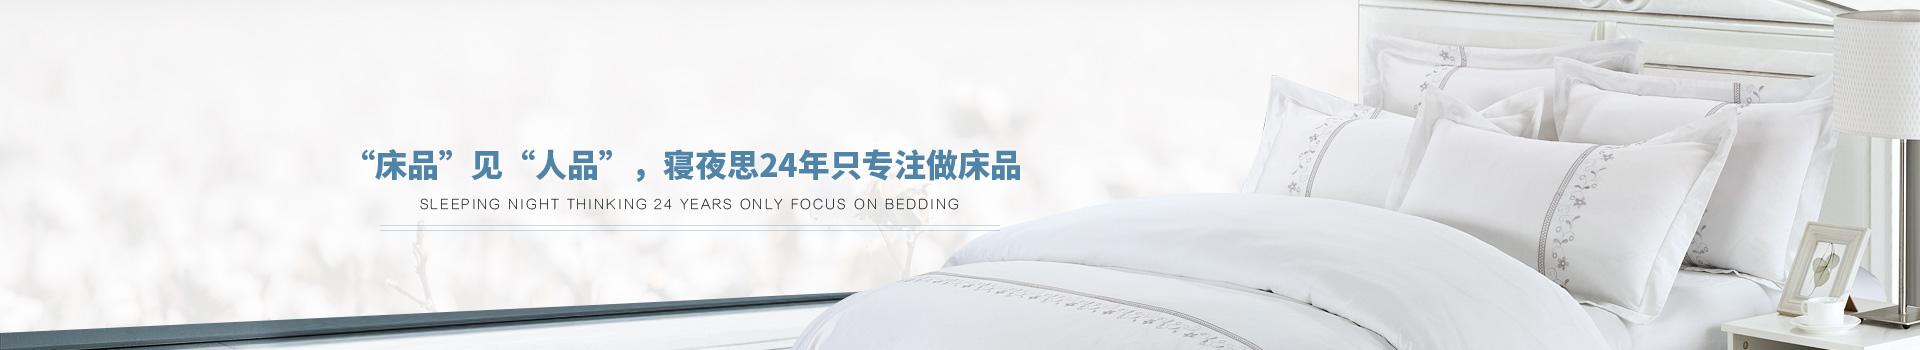 寝夜思24年只专注做床品